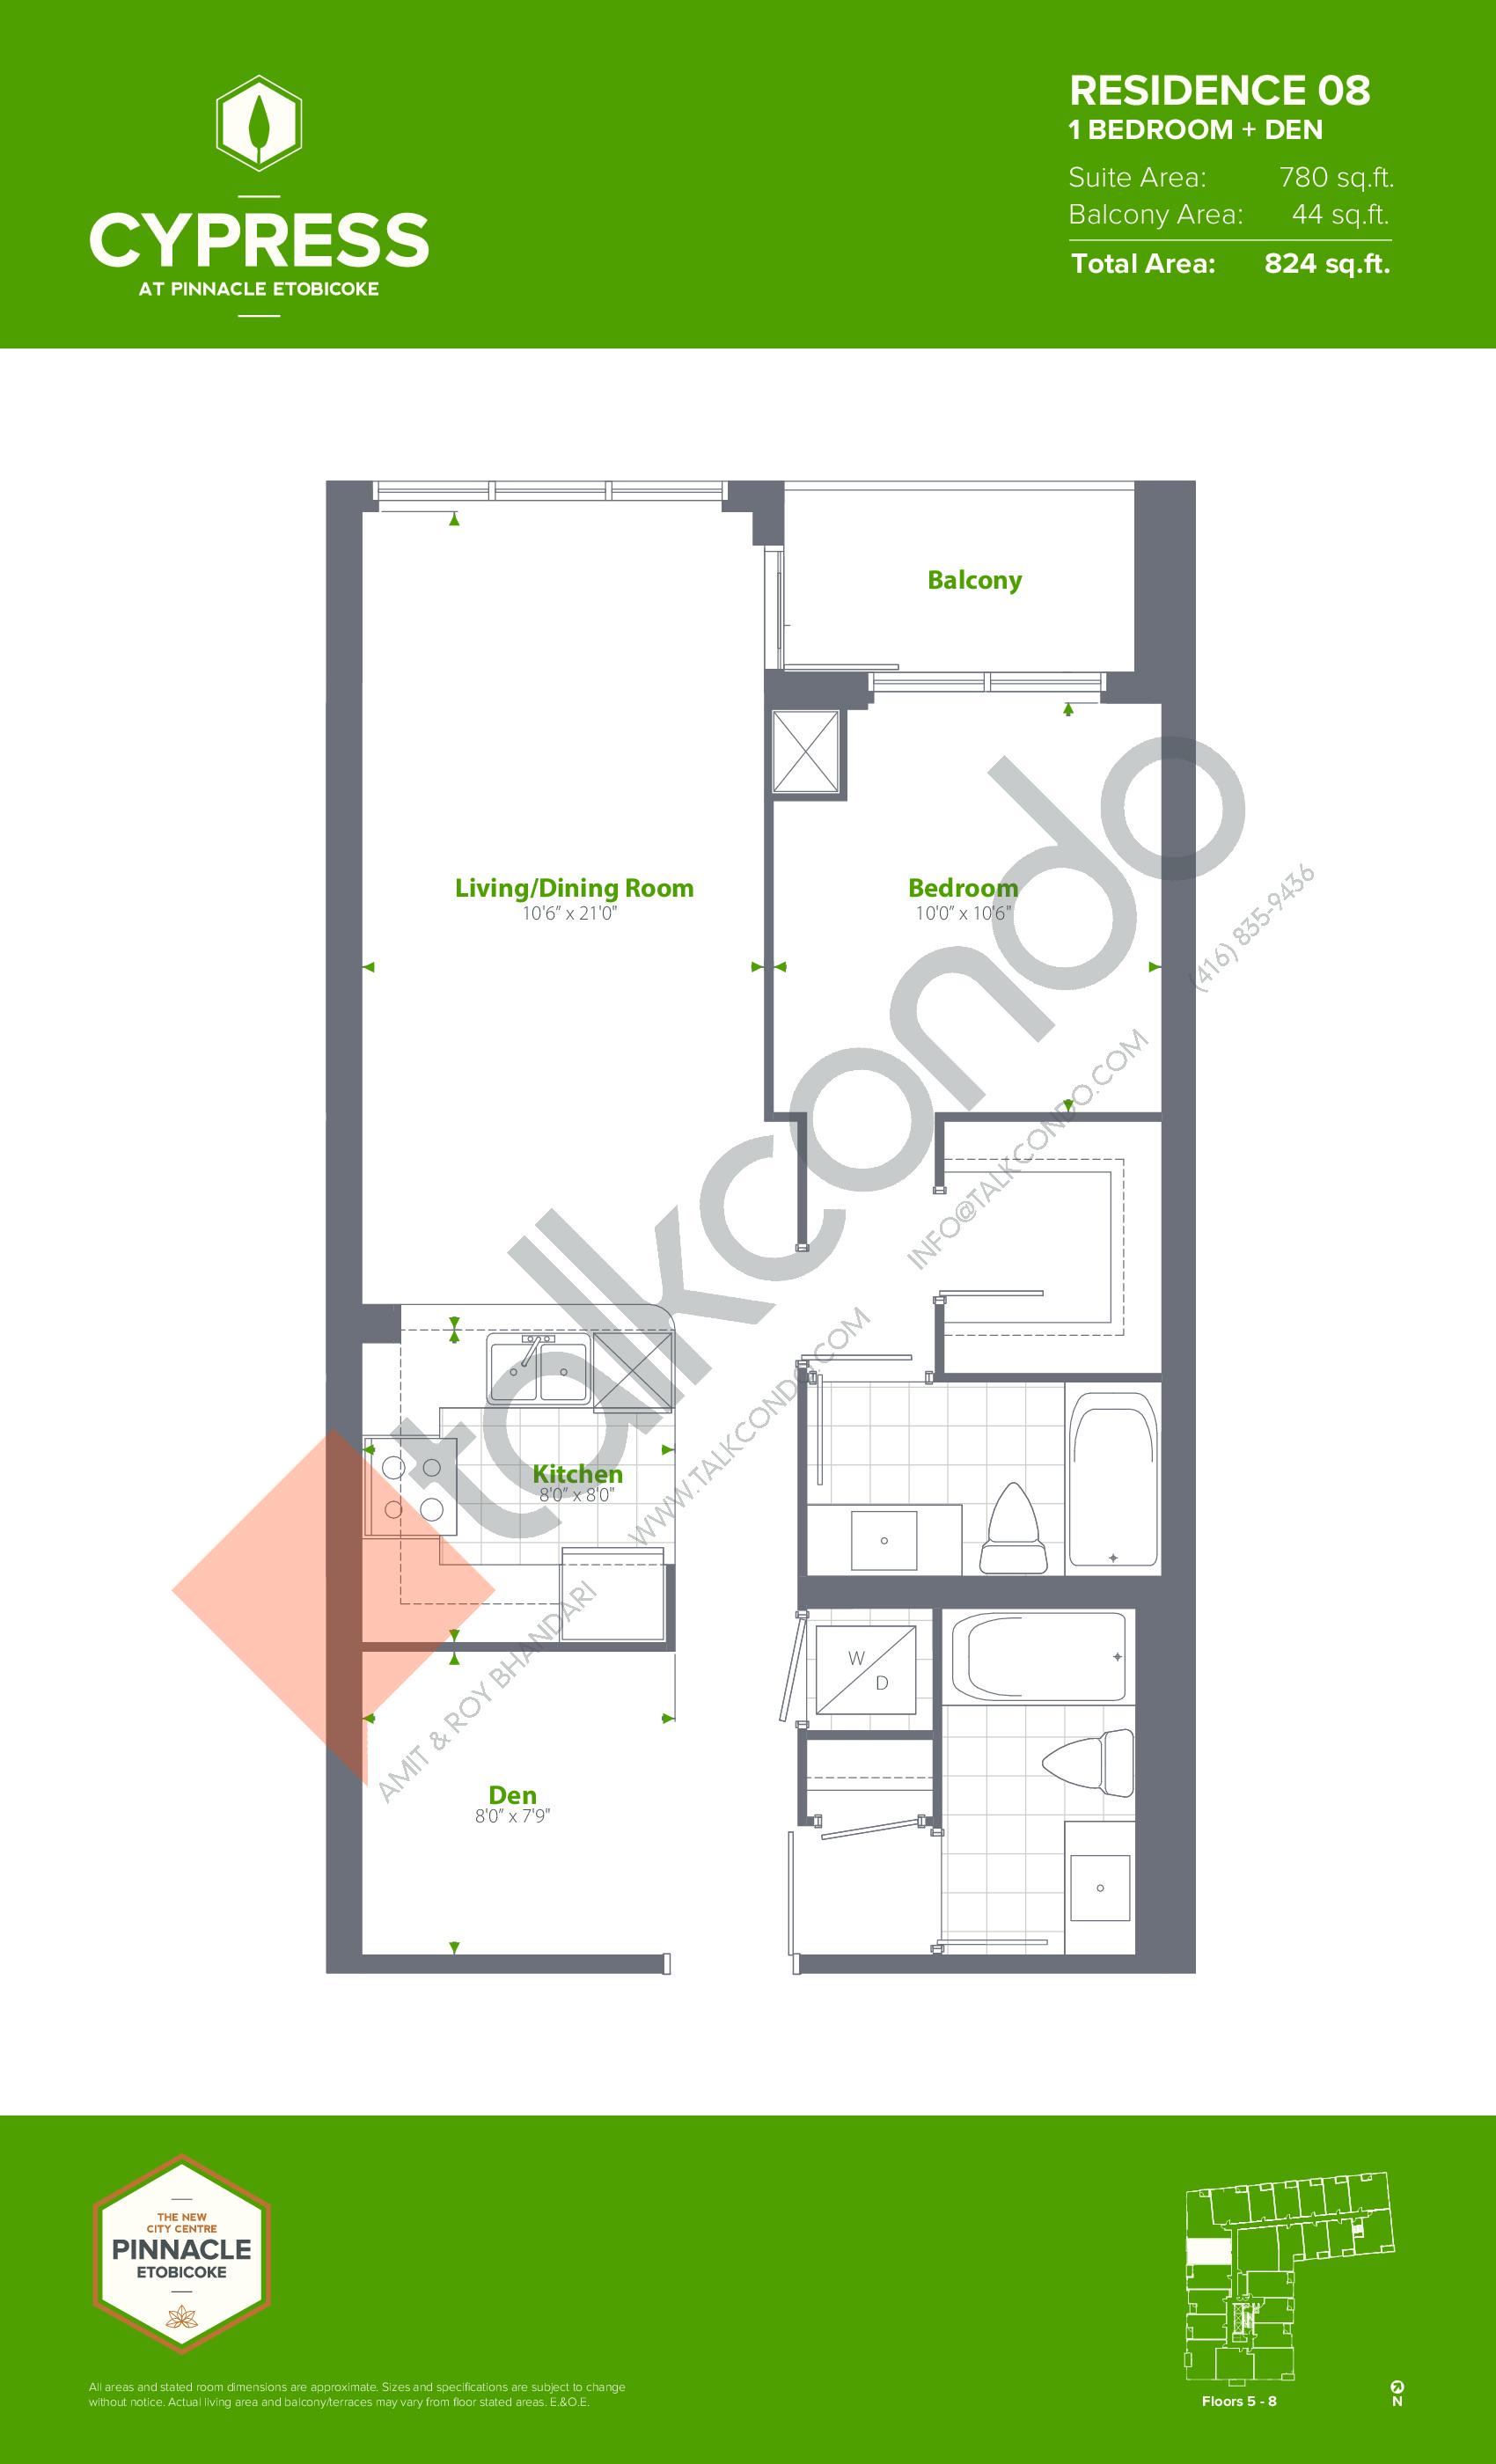 Residence 08 (Podium) Floor Plan at Cypress at Pinnacle Etobicoke - 780 sq.ft